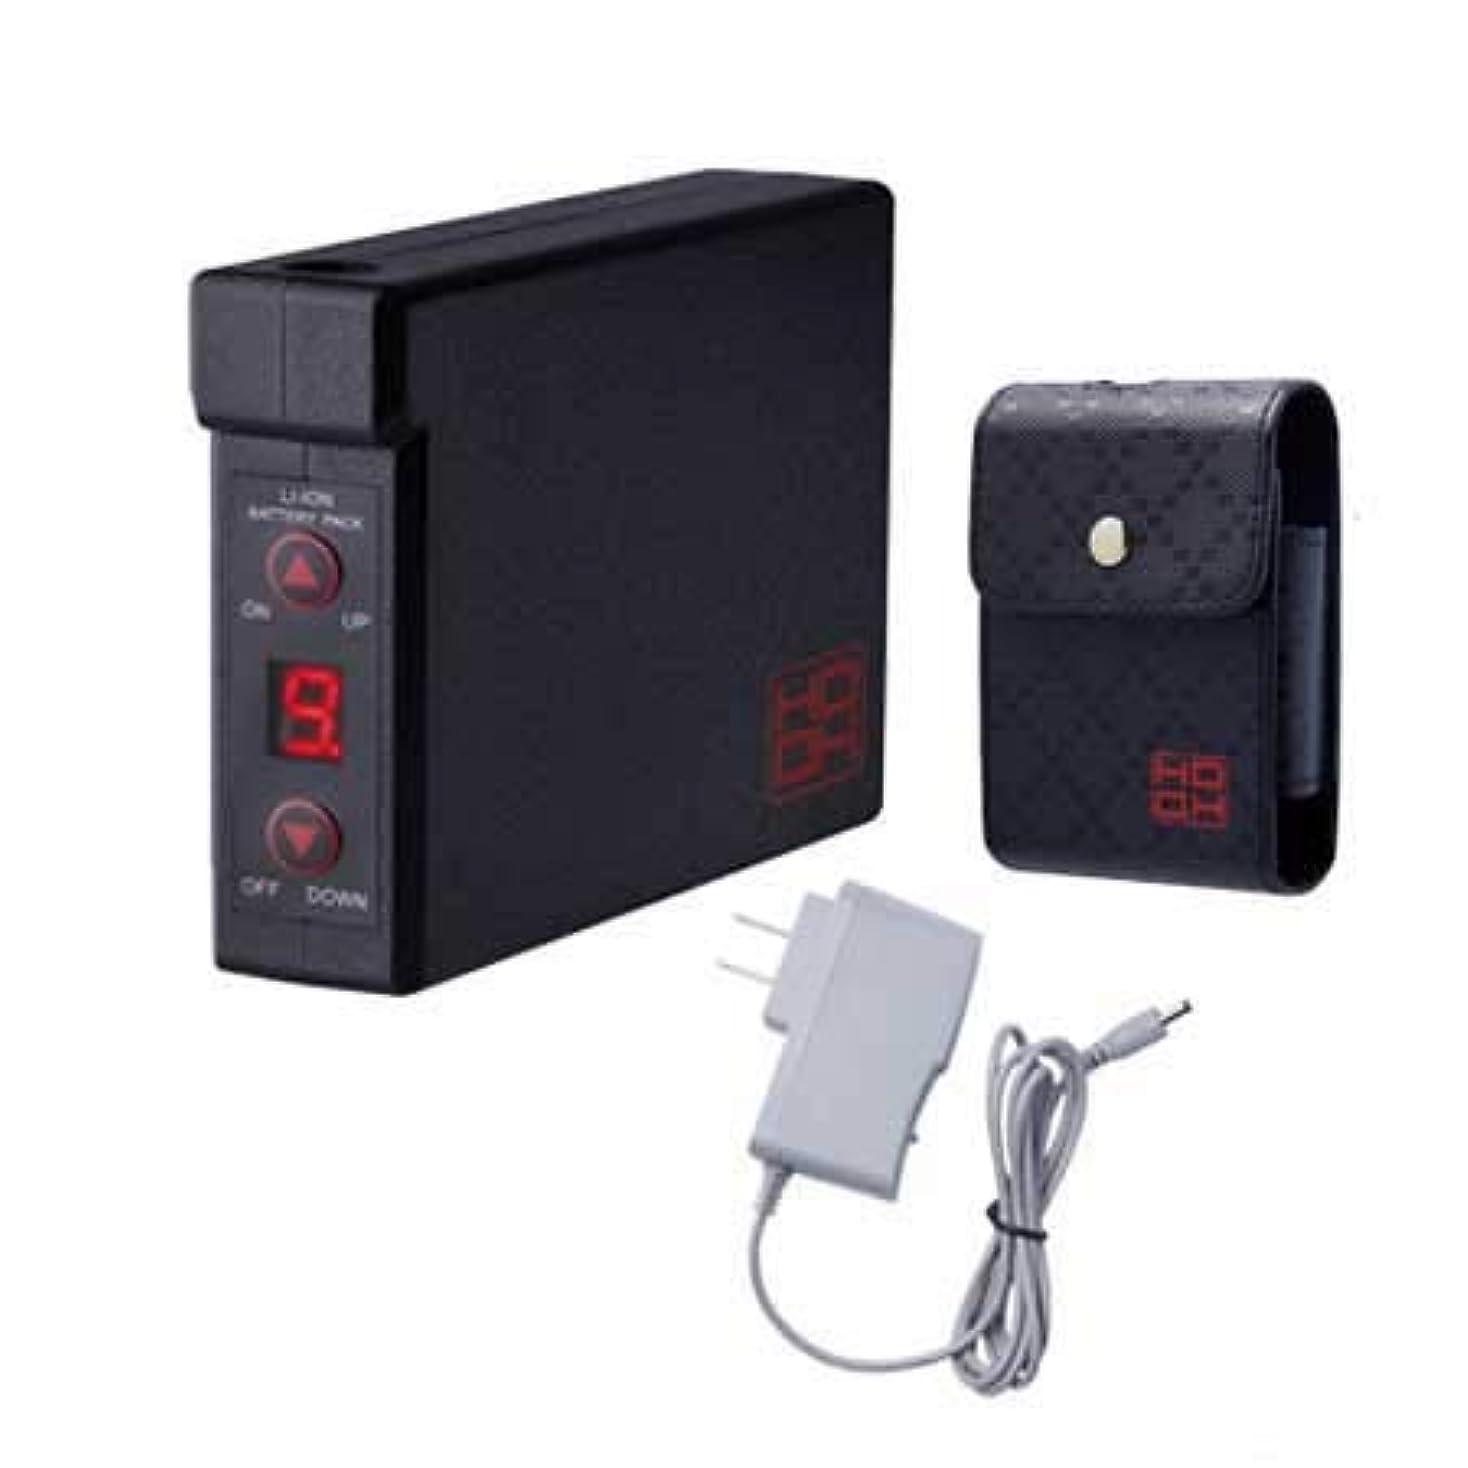 [村上被服] 空調服用 バッテリー HOOH 鳳凰 v9101